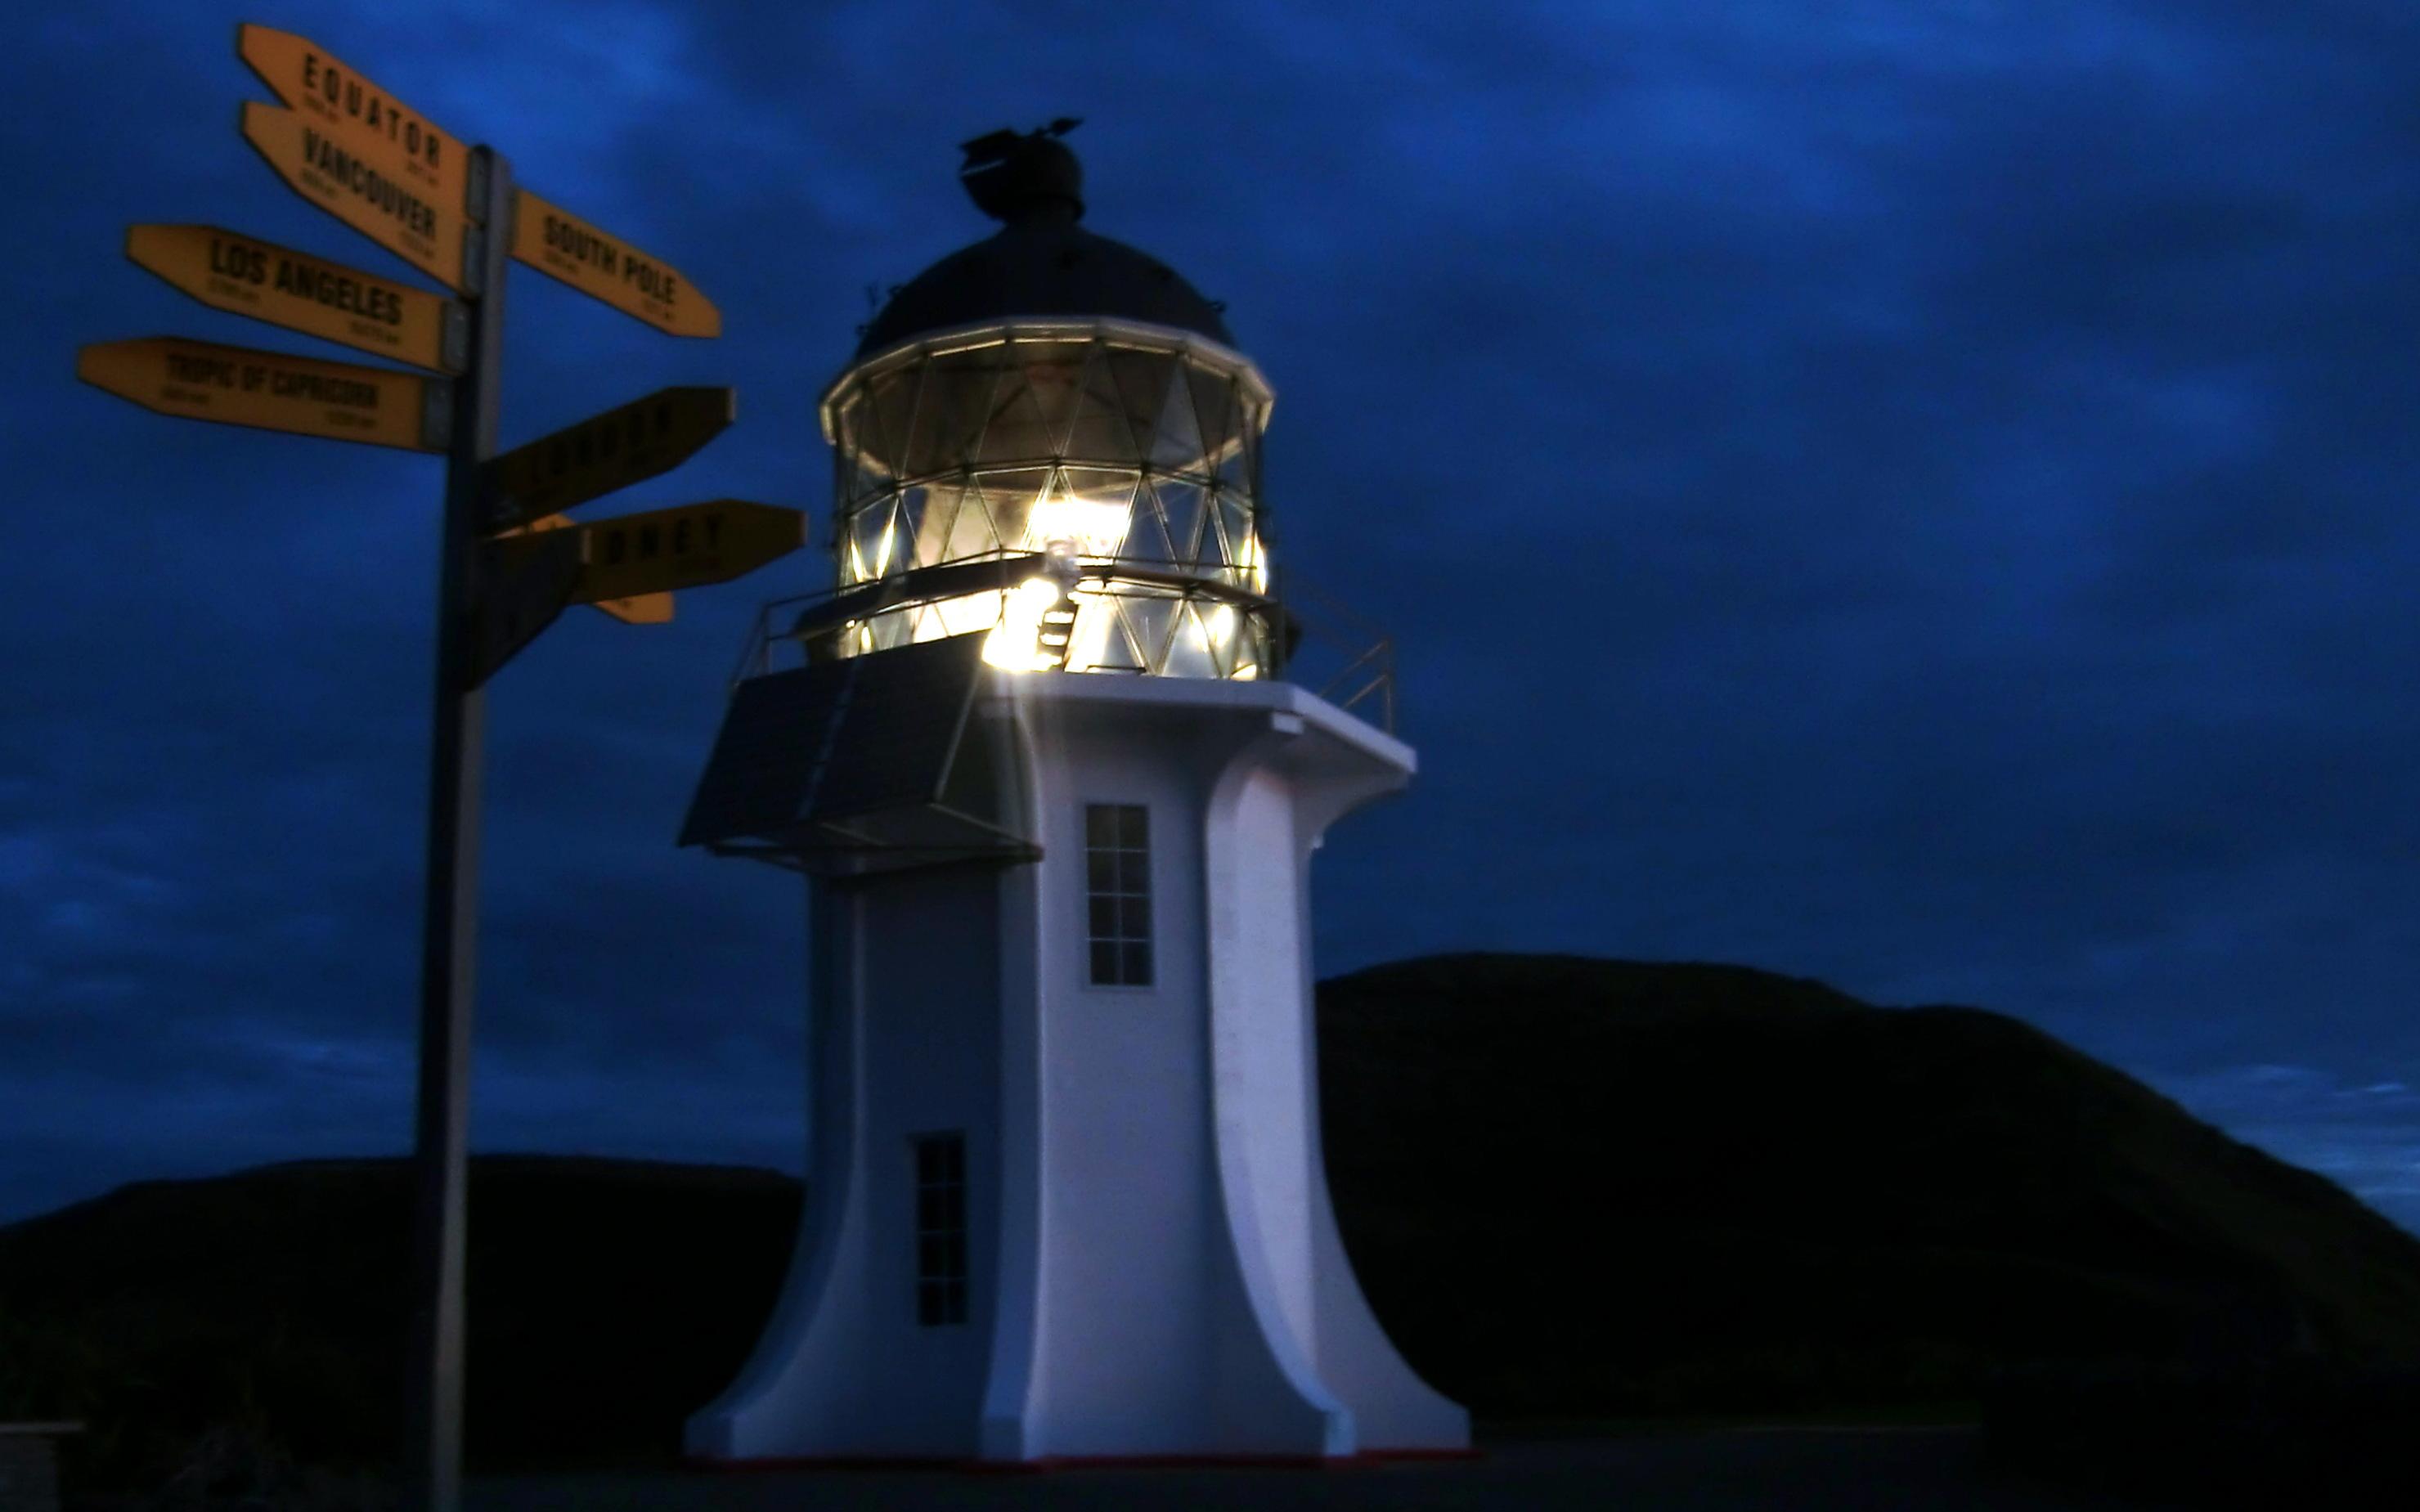 Der weiße Leuchtturm von Cape Reinga in Neuseeland strahlt bei Nacht.